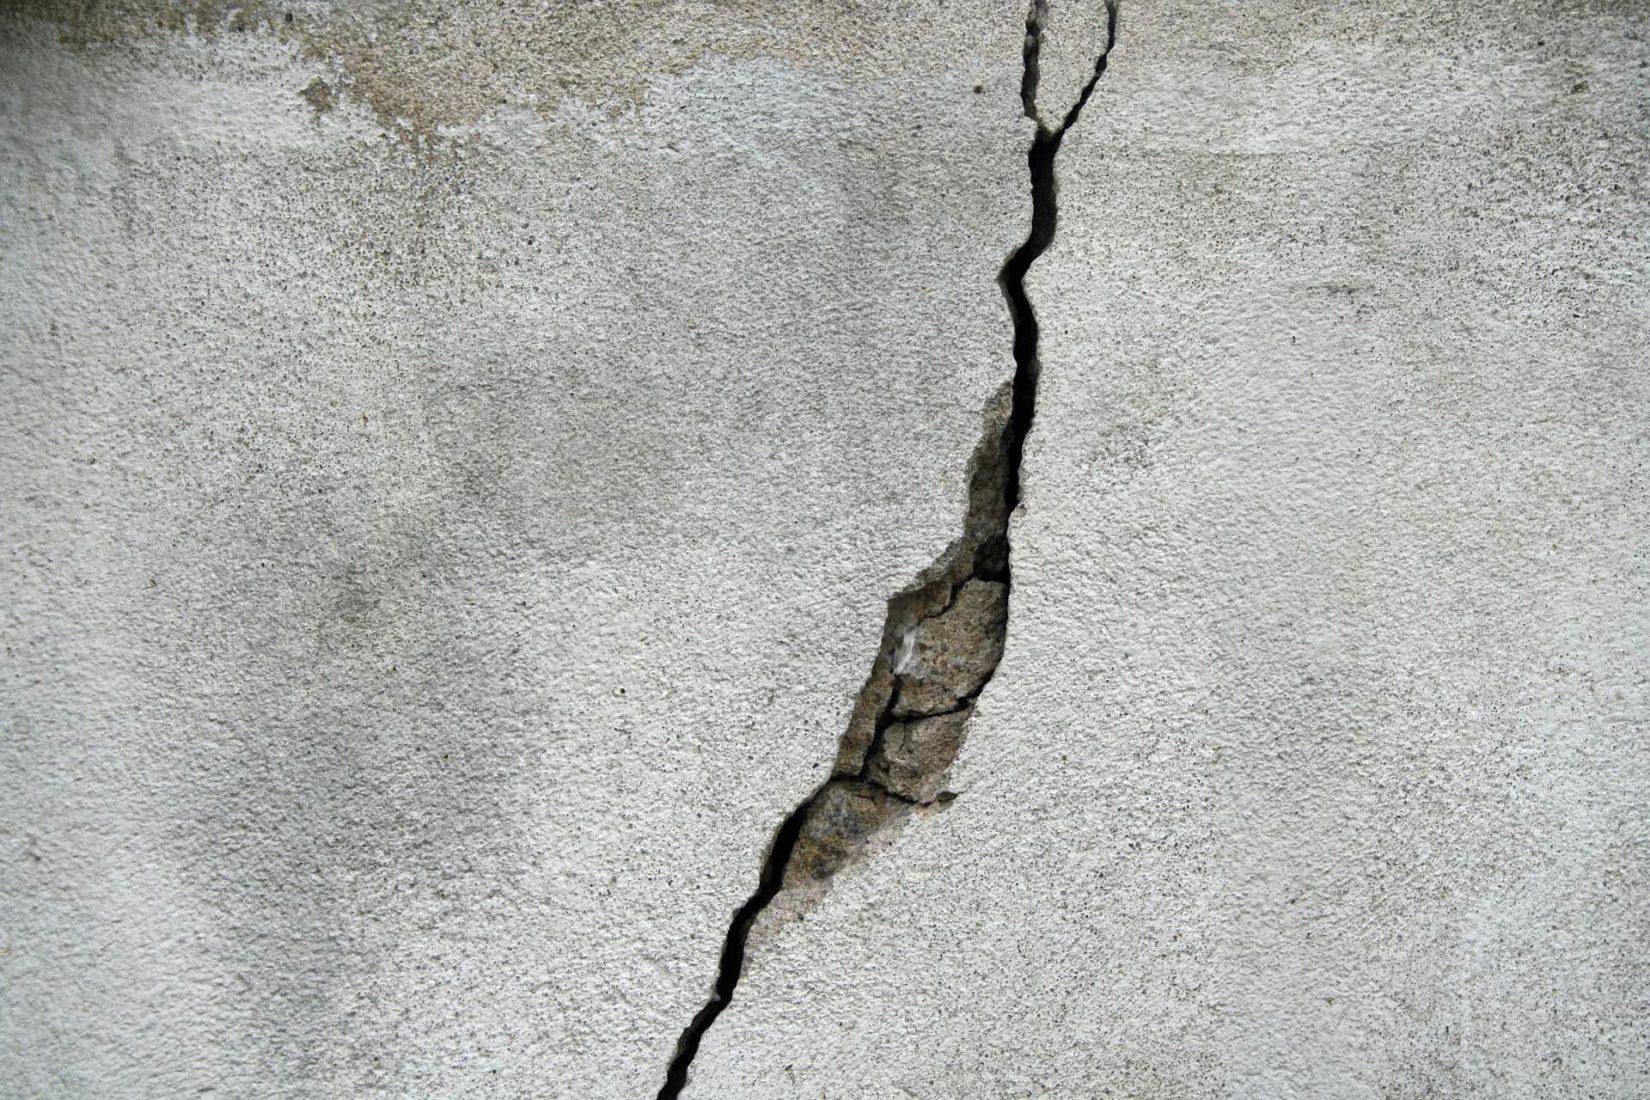 Risse in Wänden gehören zu den klassischen Schadensbildern am Bau. Foto: Pixabay